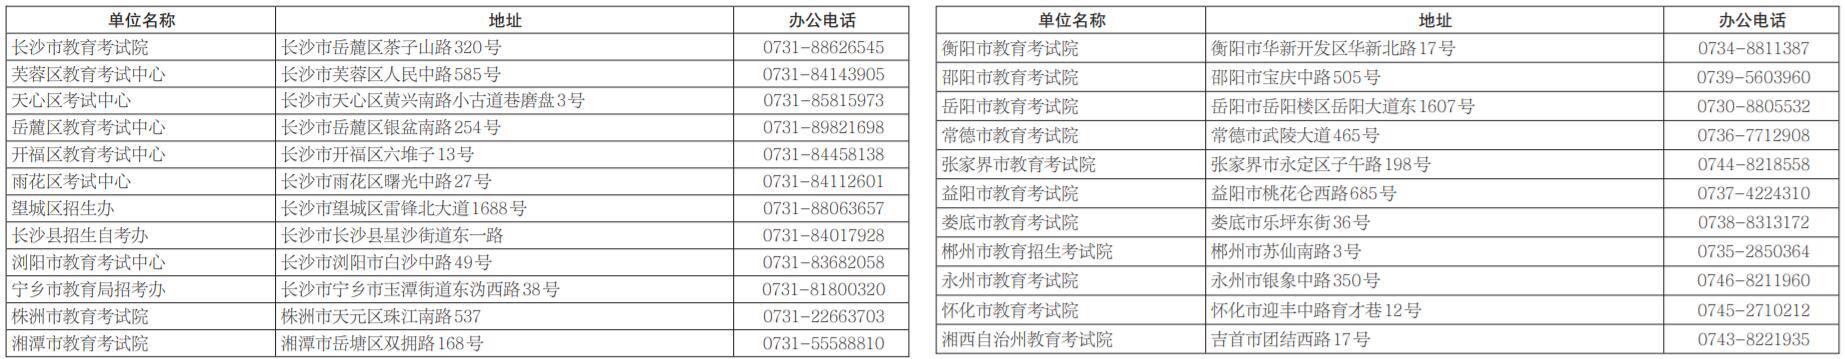 湖南省各市、州自学考试管理机构一览表